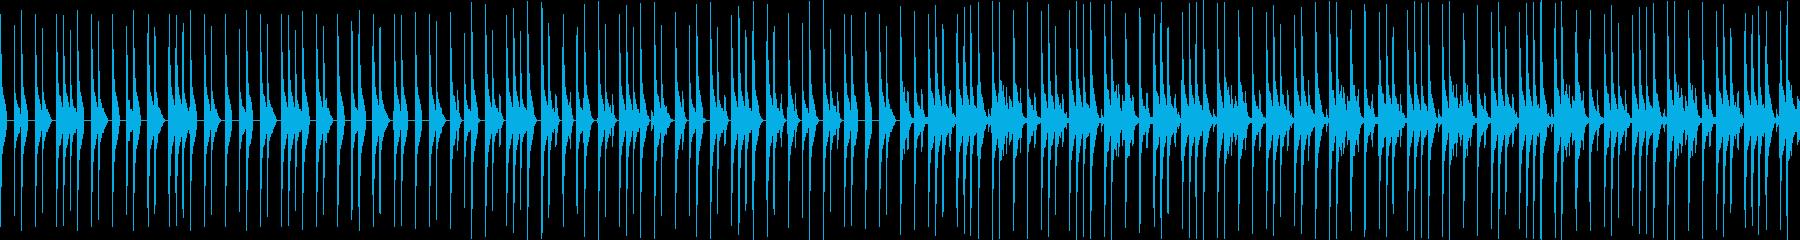 使い勝手のいいドラムループの再生済みの波形